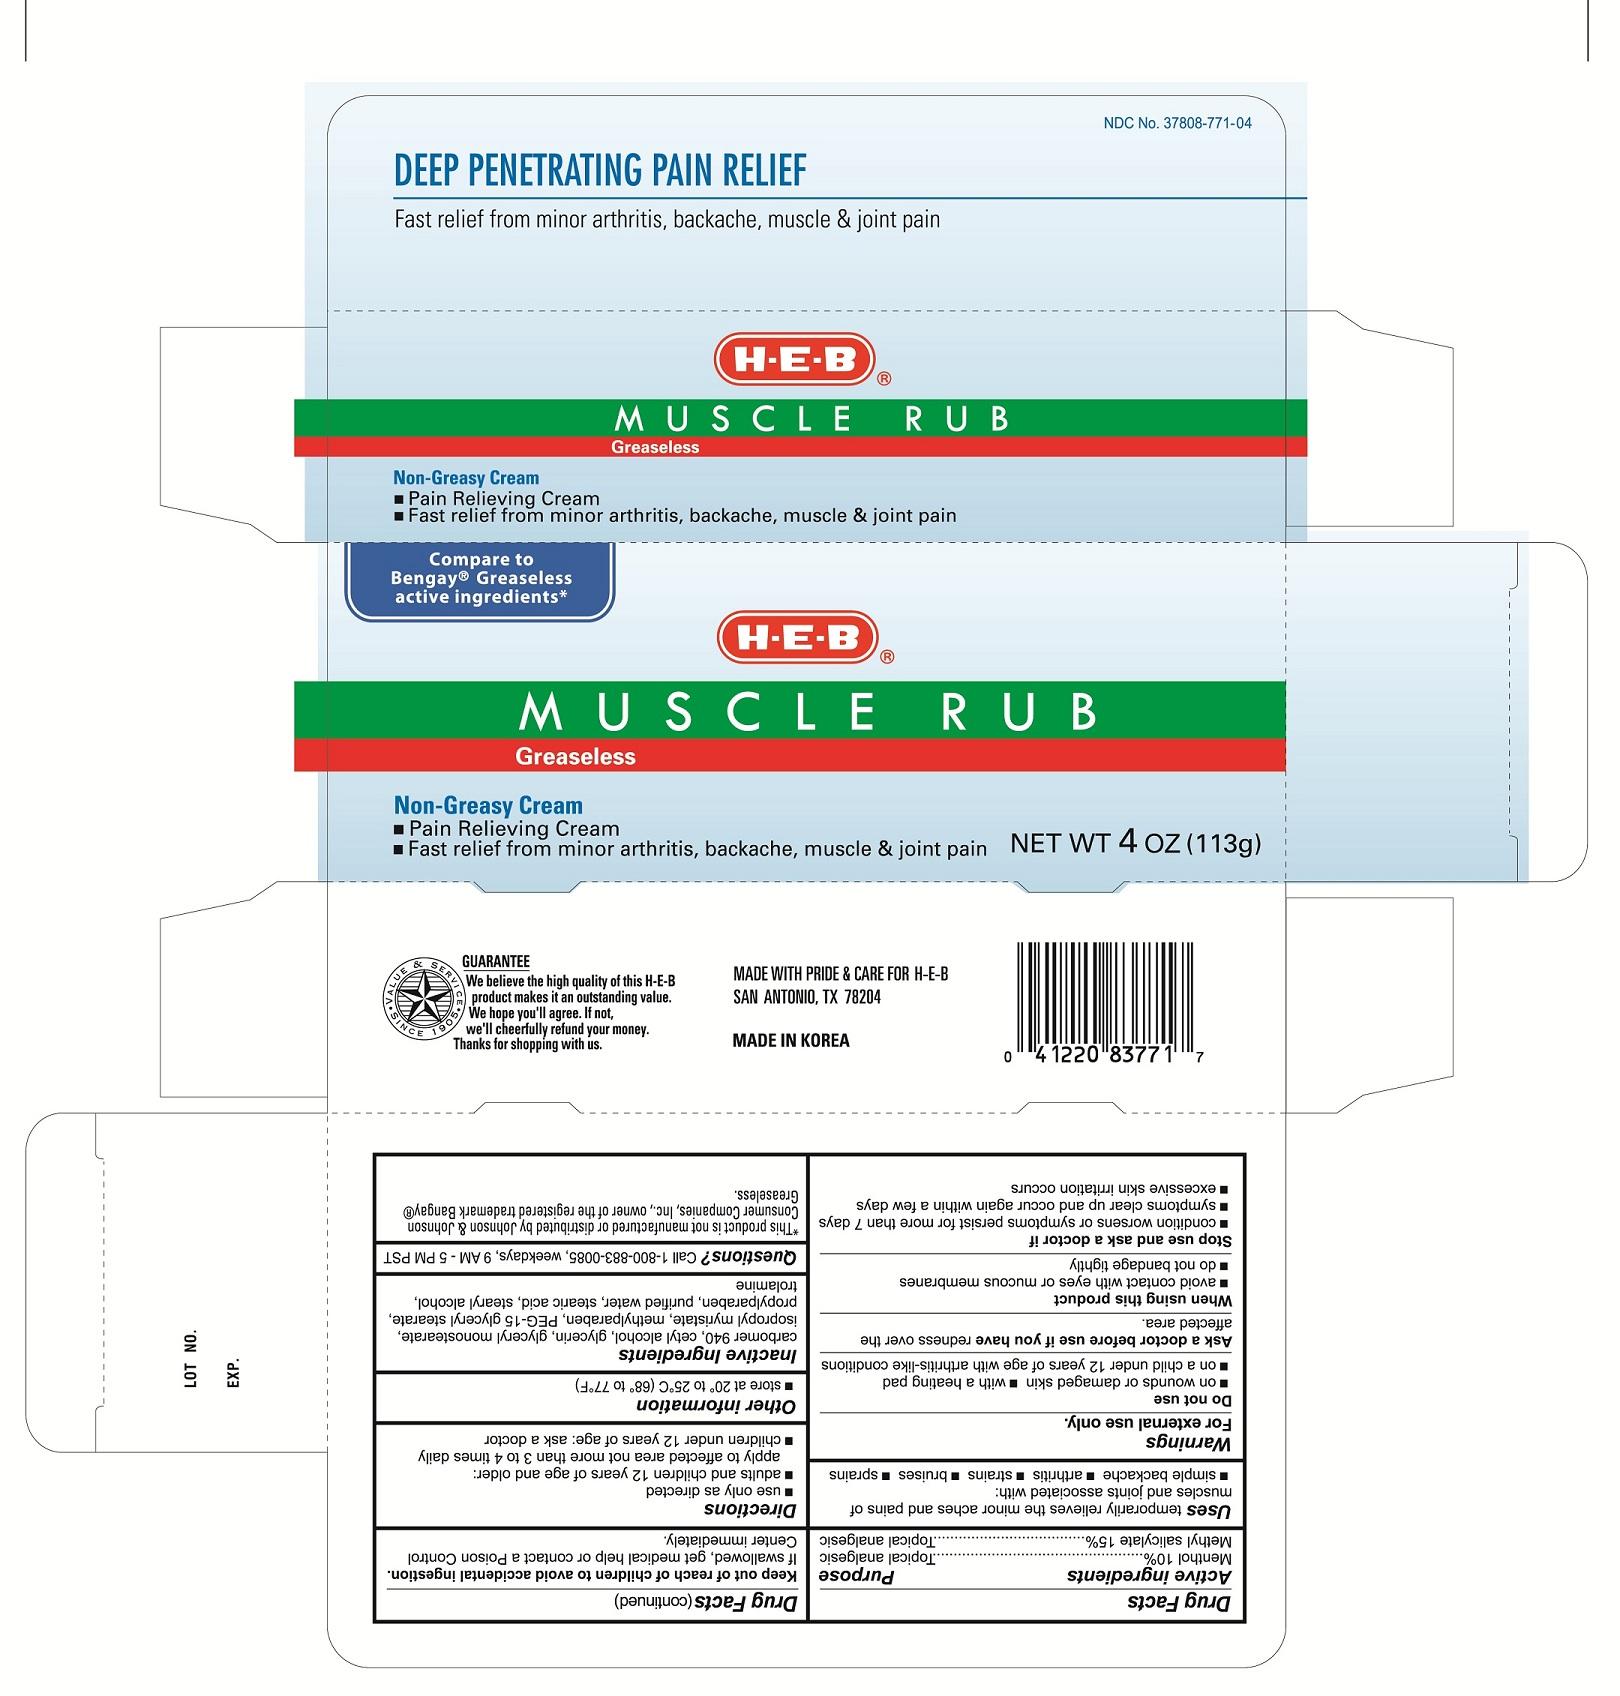 Muscle Rub Greaseless (Menthol, Methyl Salicylate) Cream [H E B]